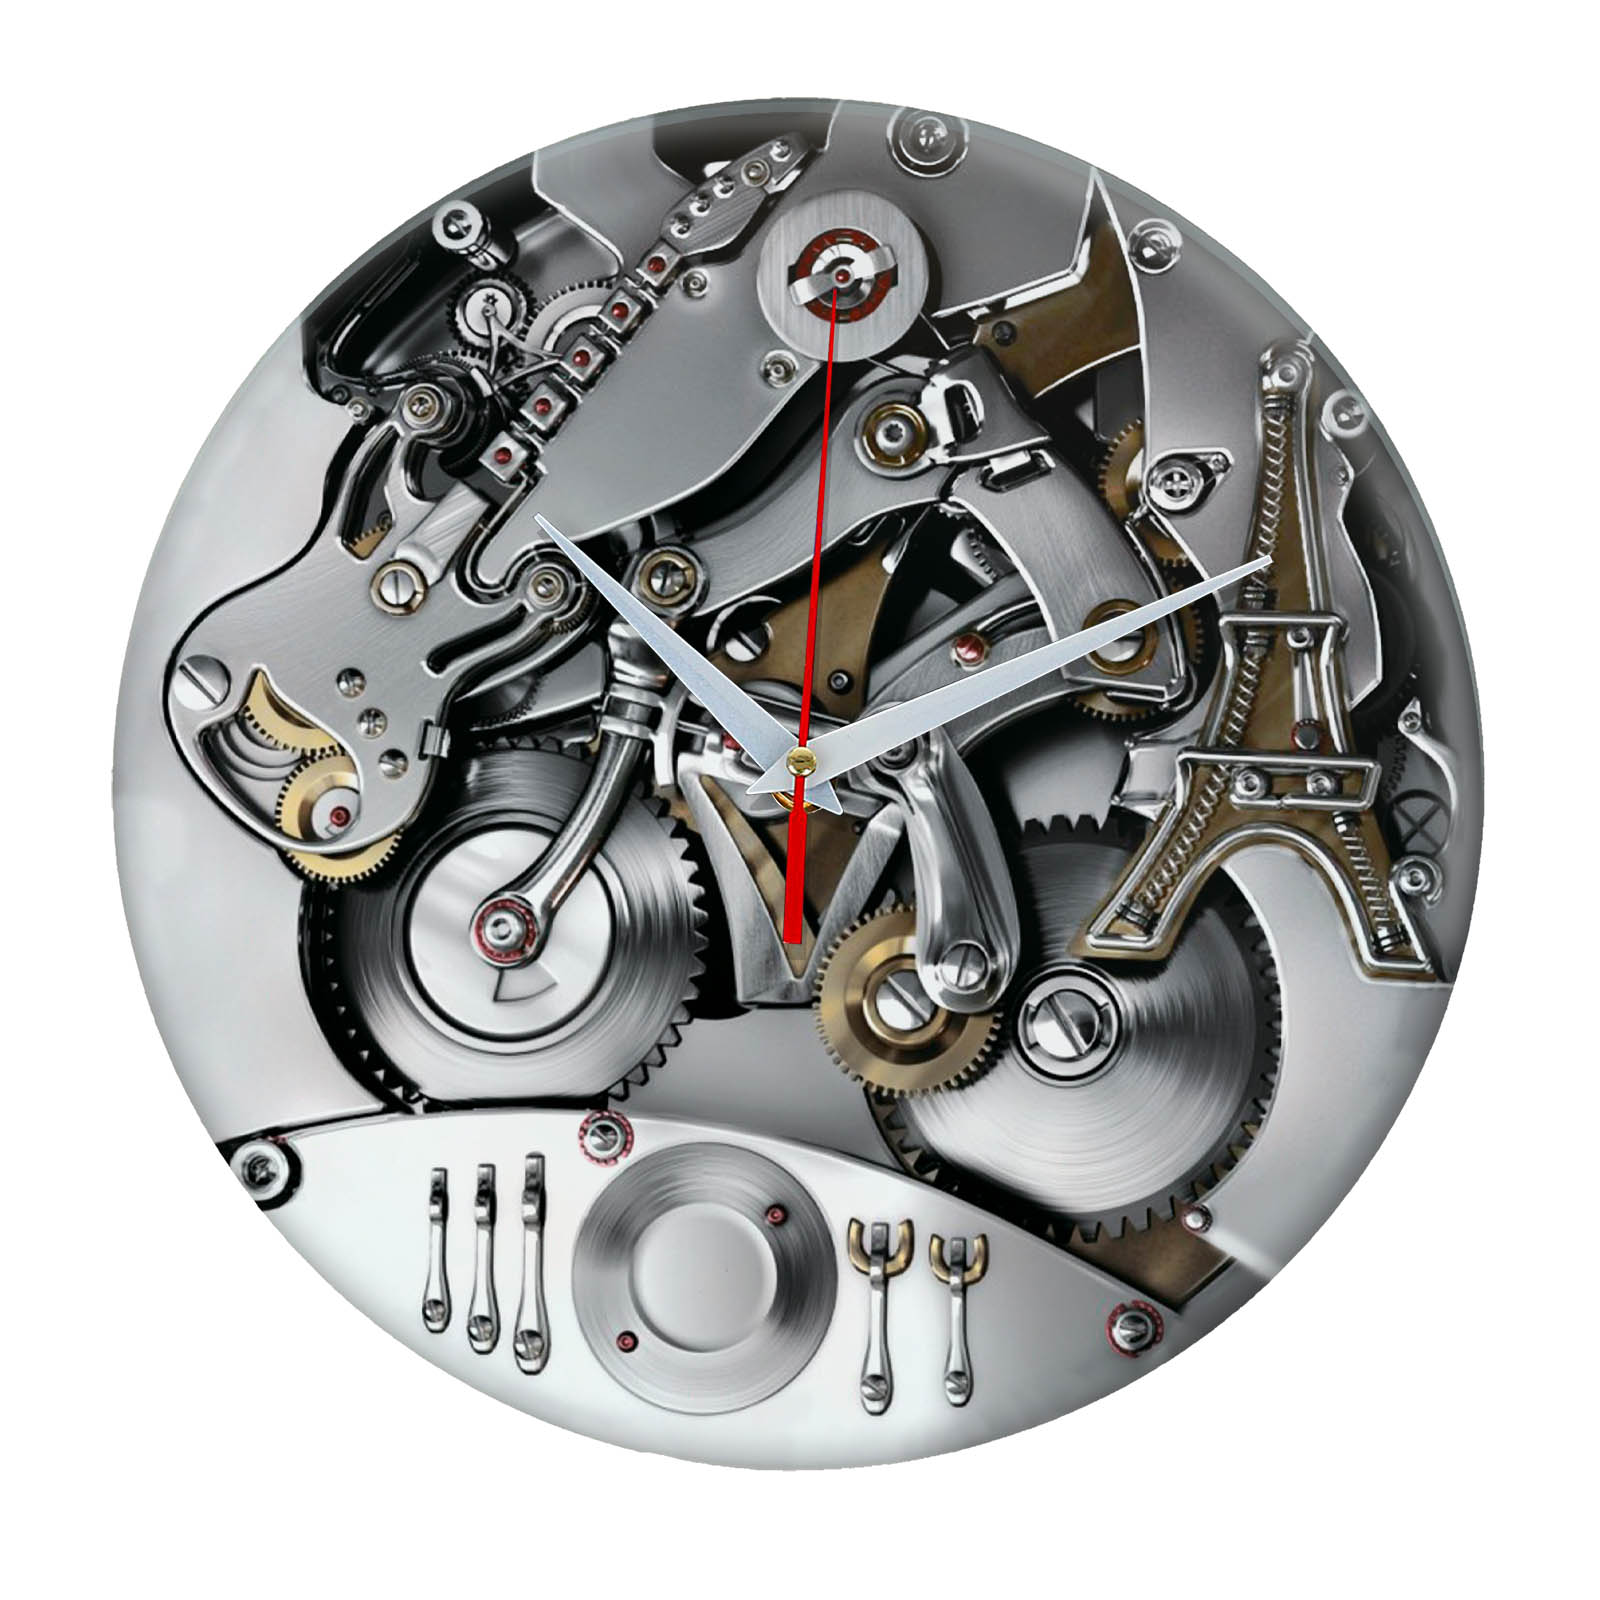 Настенные часы «Веломеханика»